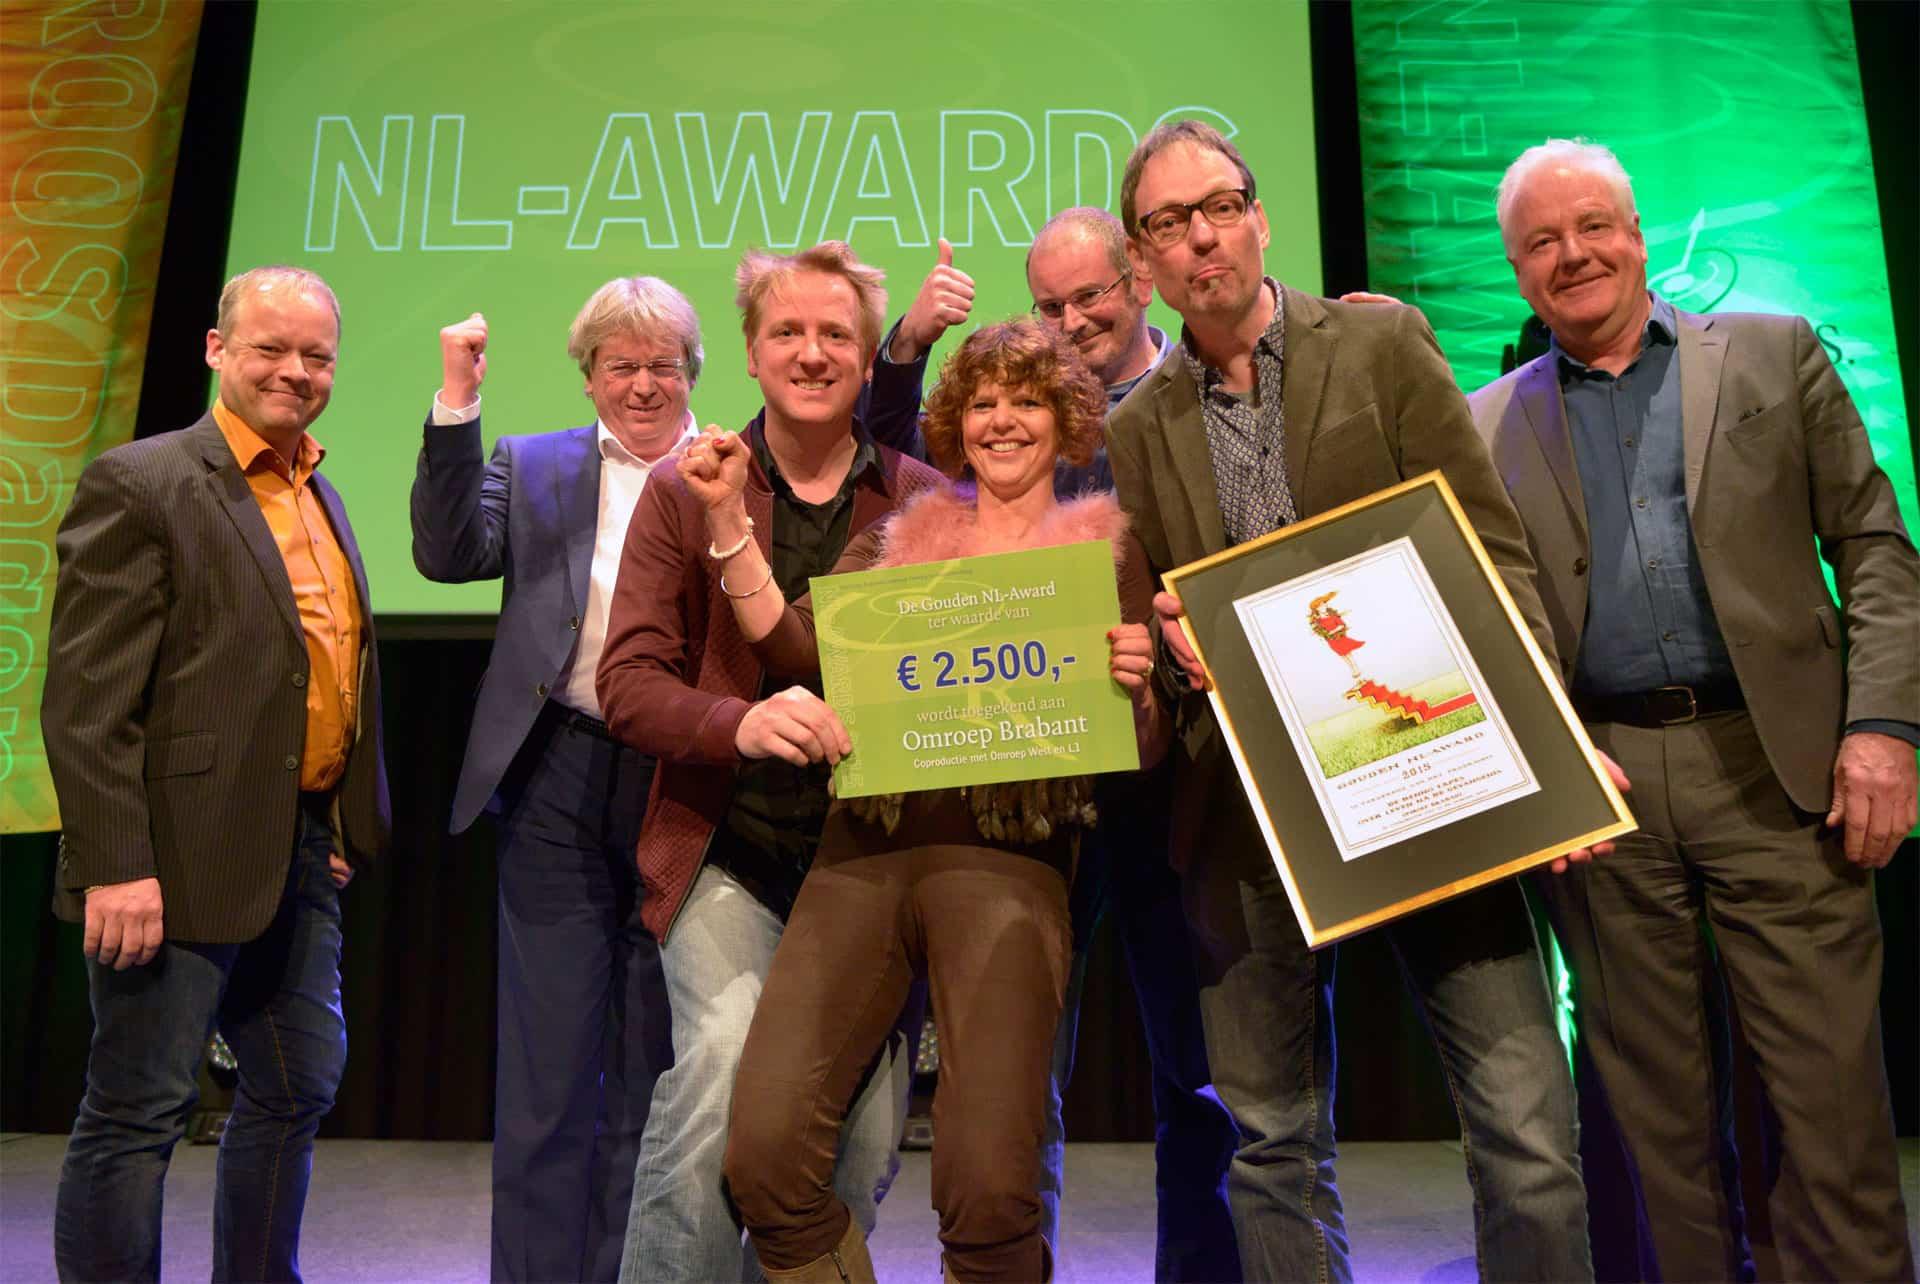 NL AWARD 2015 Ton van Zantvoort